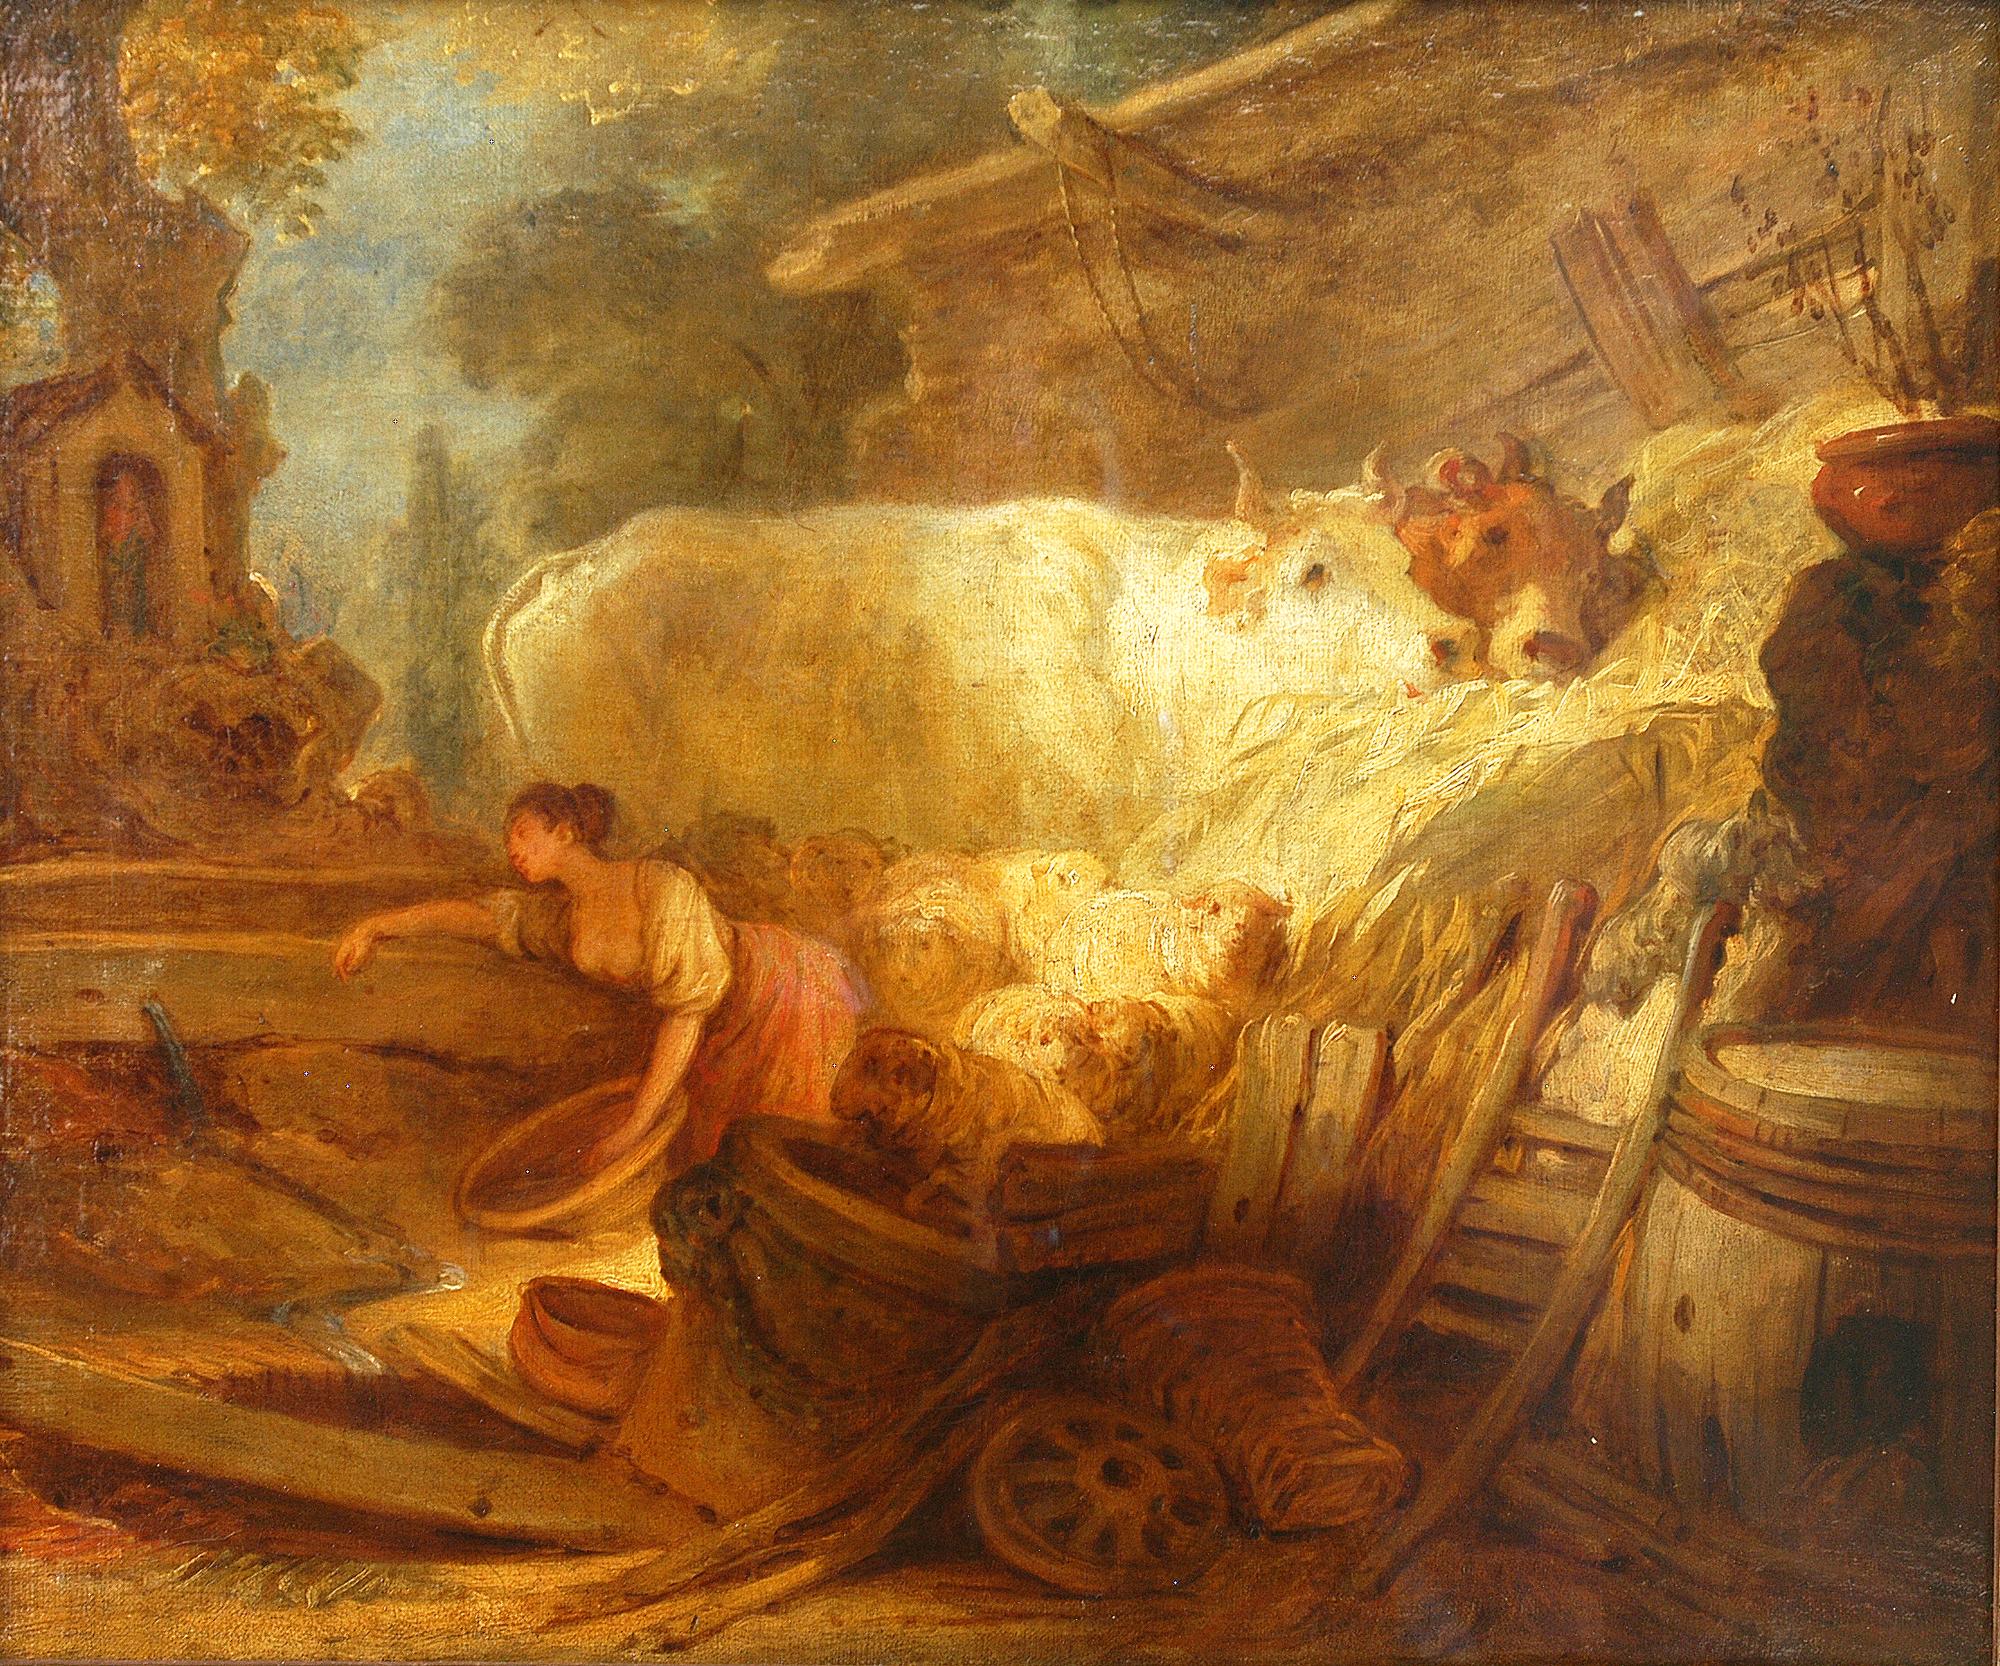 Jean-Honoré Fragonard - L'Etable © Musée de Valence, photo Musée de Valence